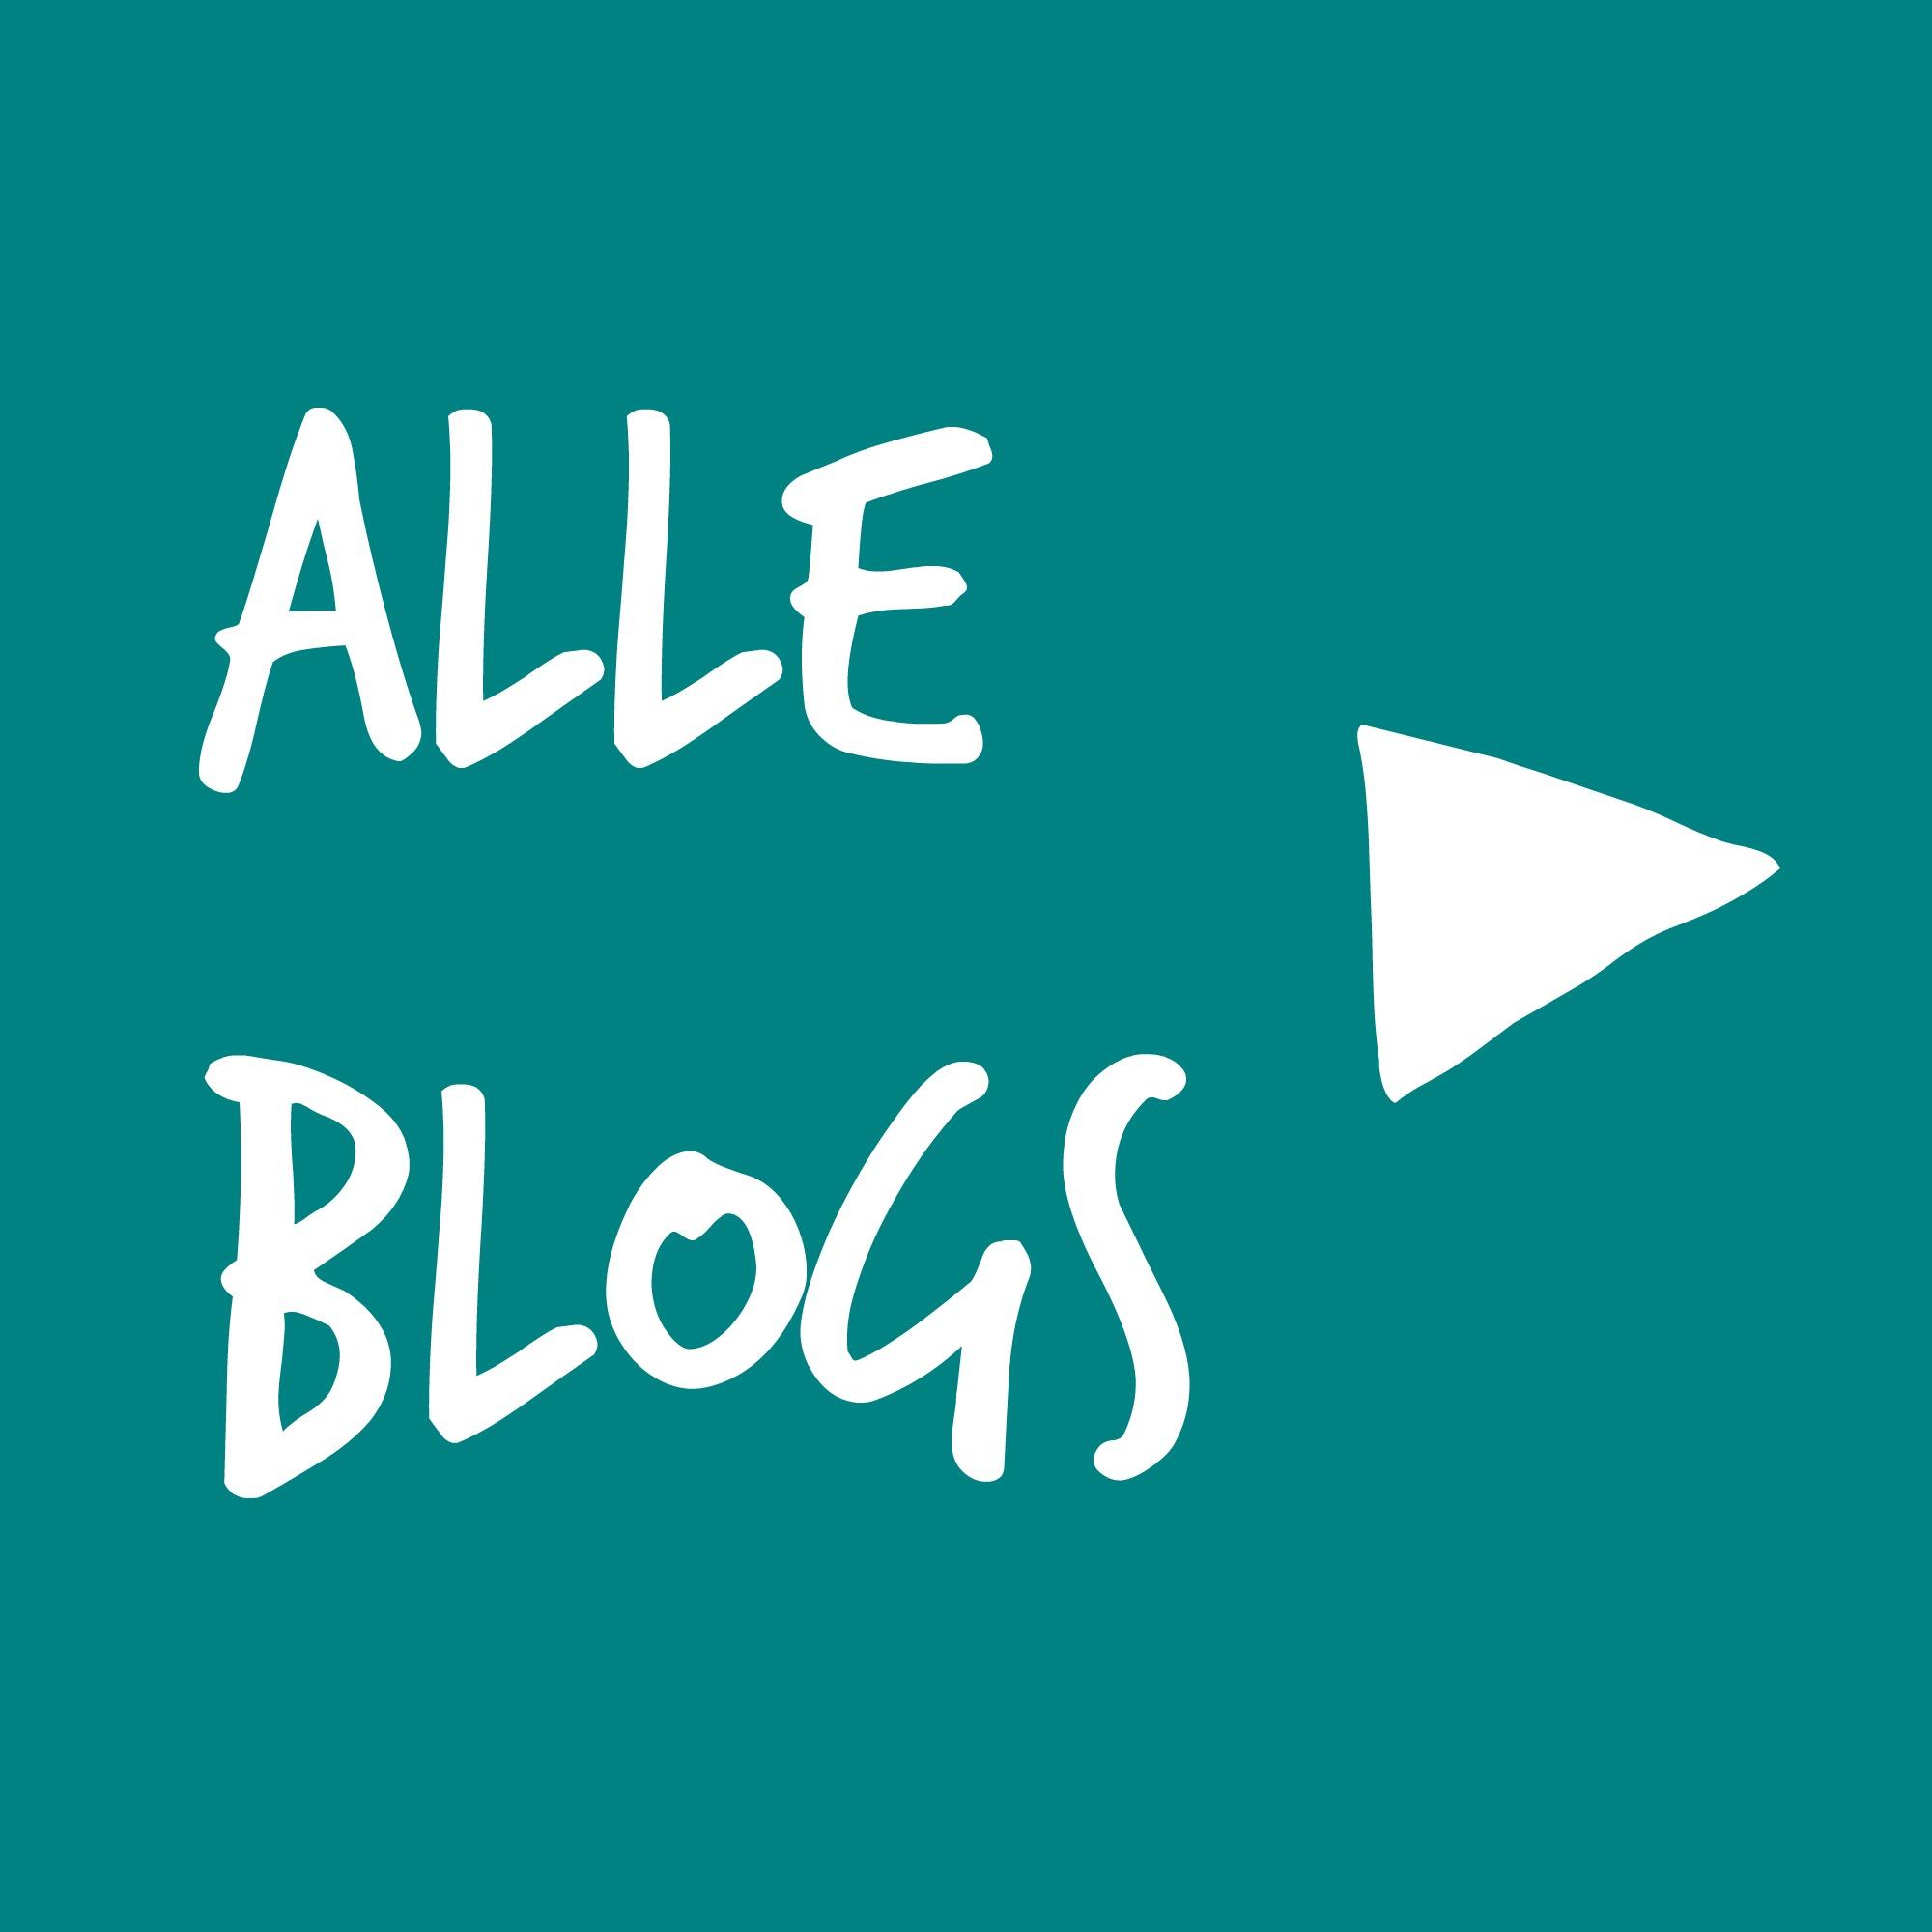 alle blogs